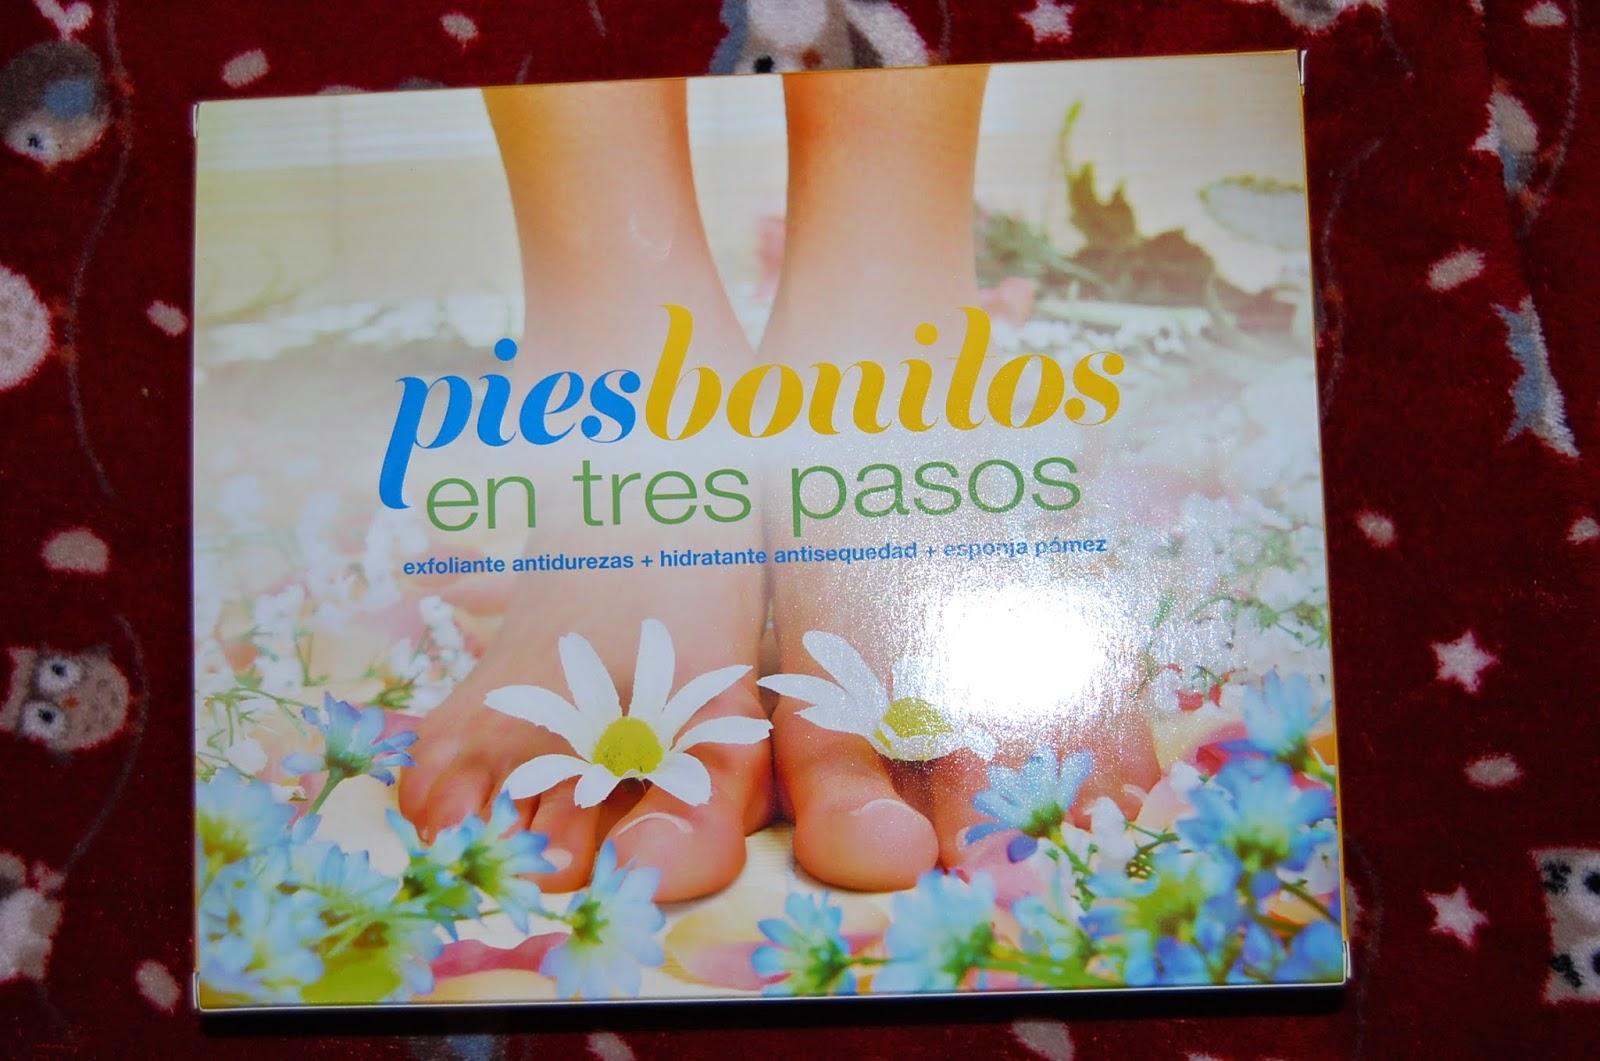 PACK PIES BONITOS EN TRES PASOS - MERCADONA